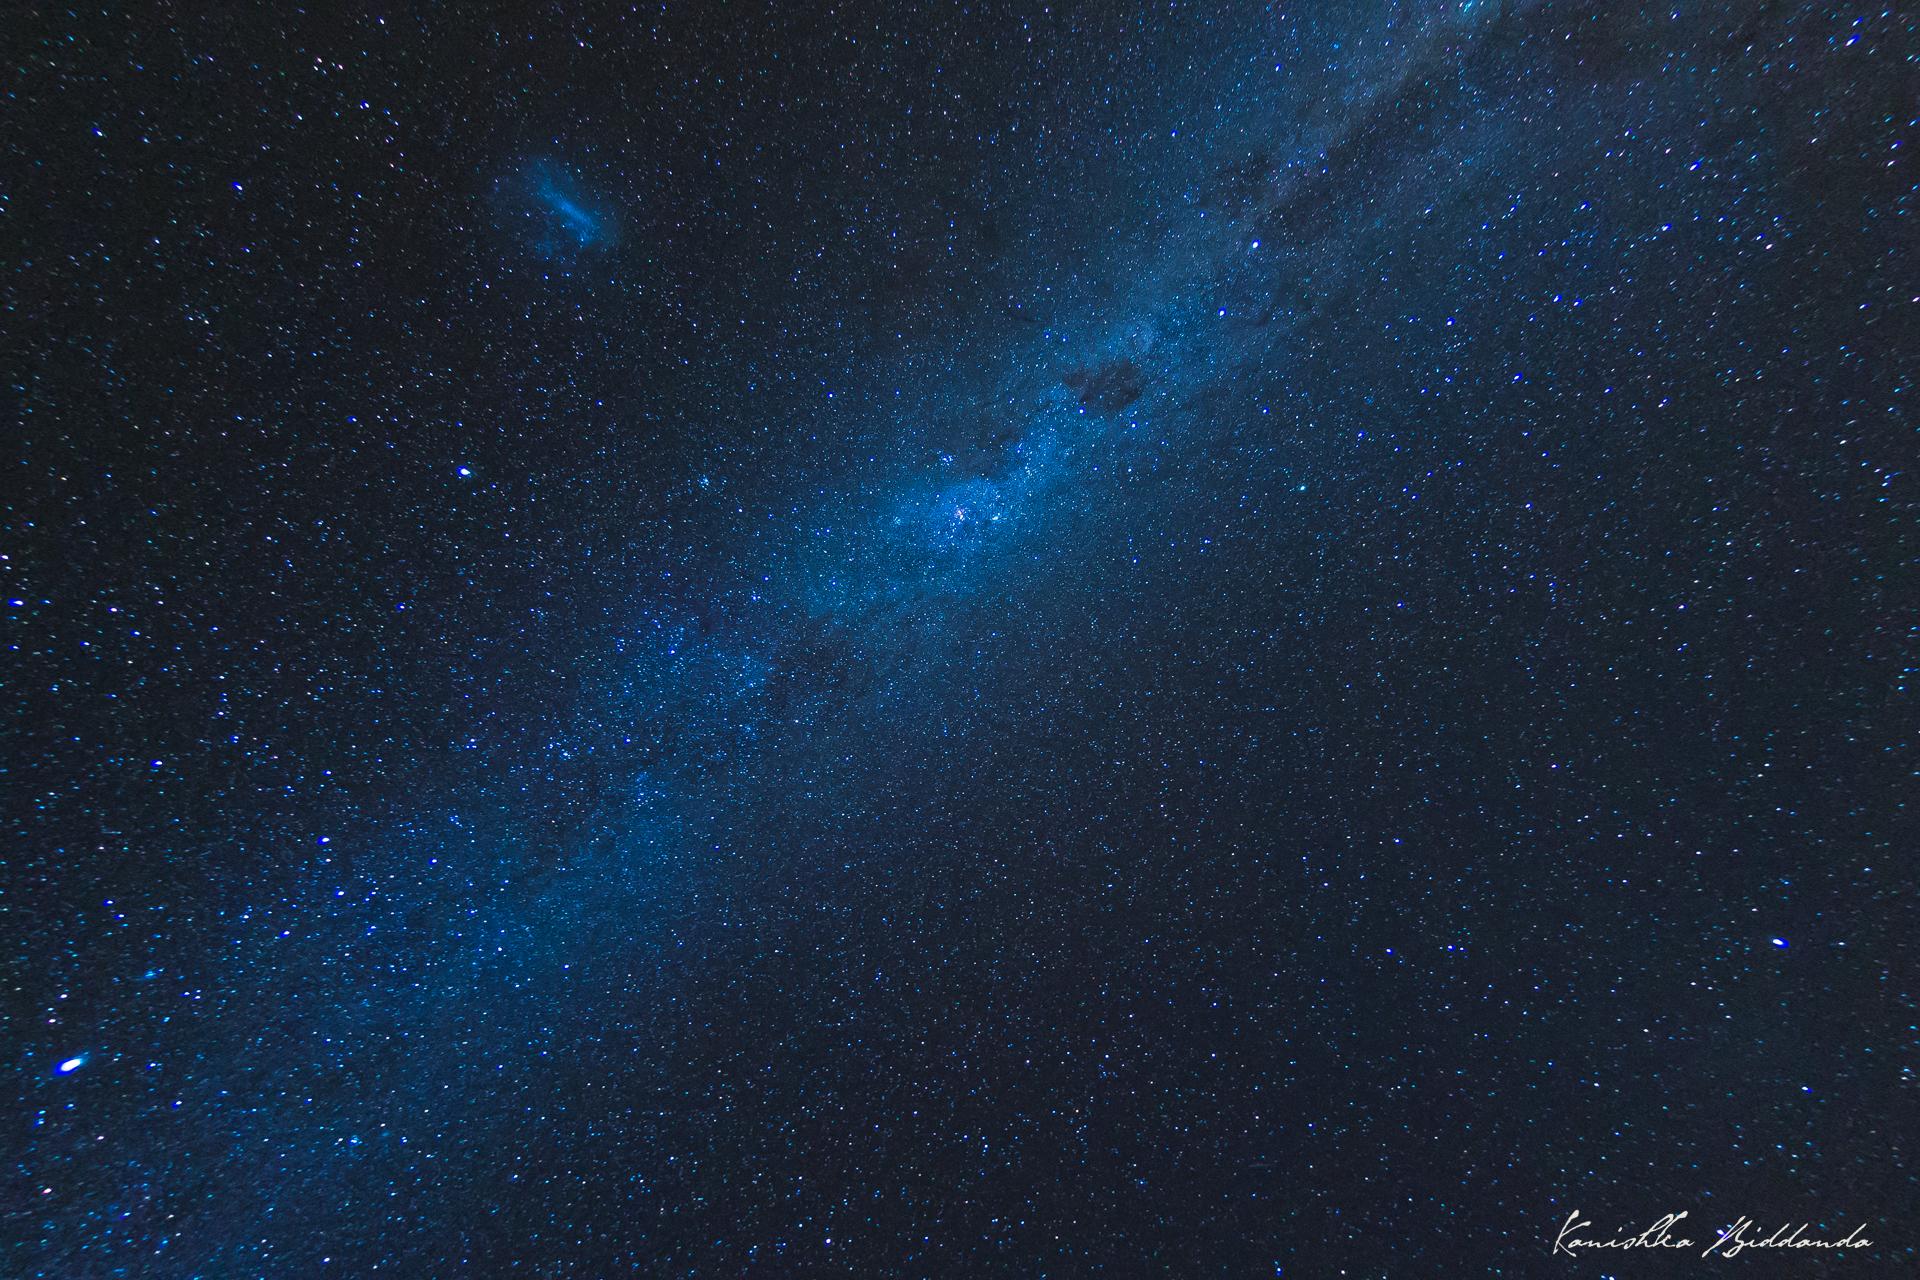 kanishka_biddanda-starfield-DSC_6160